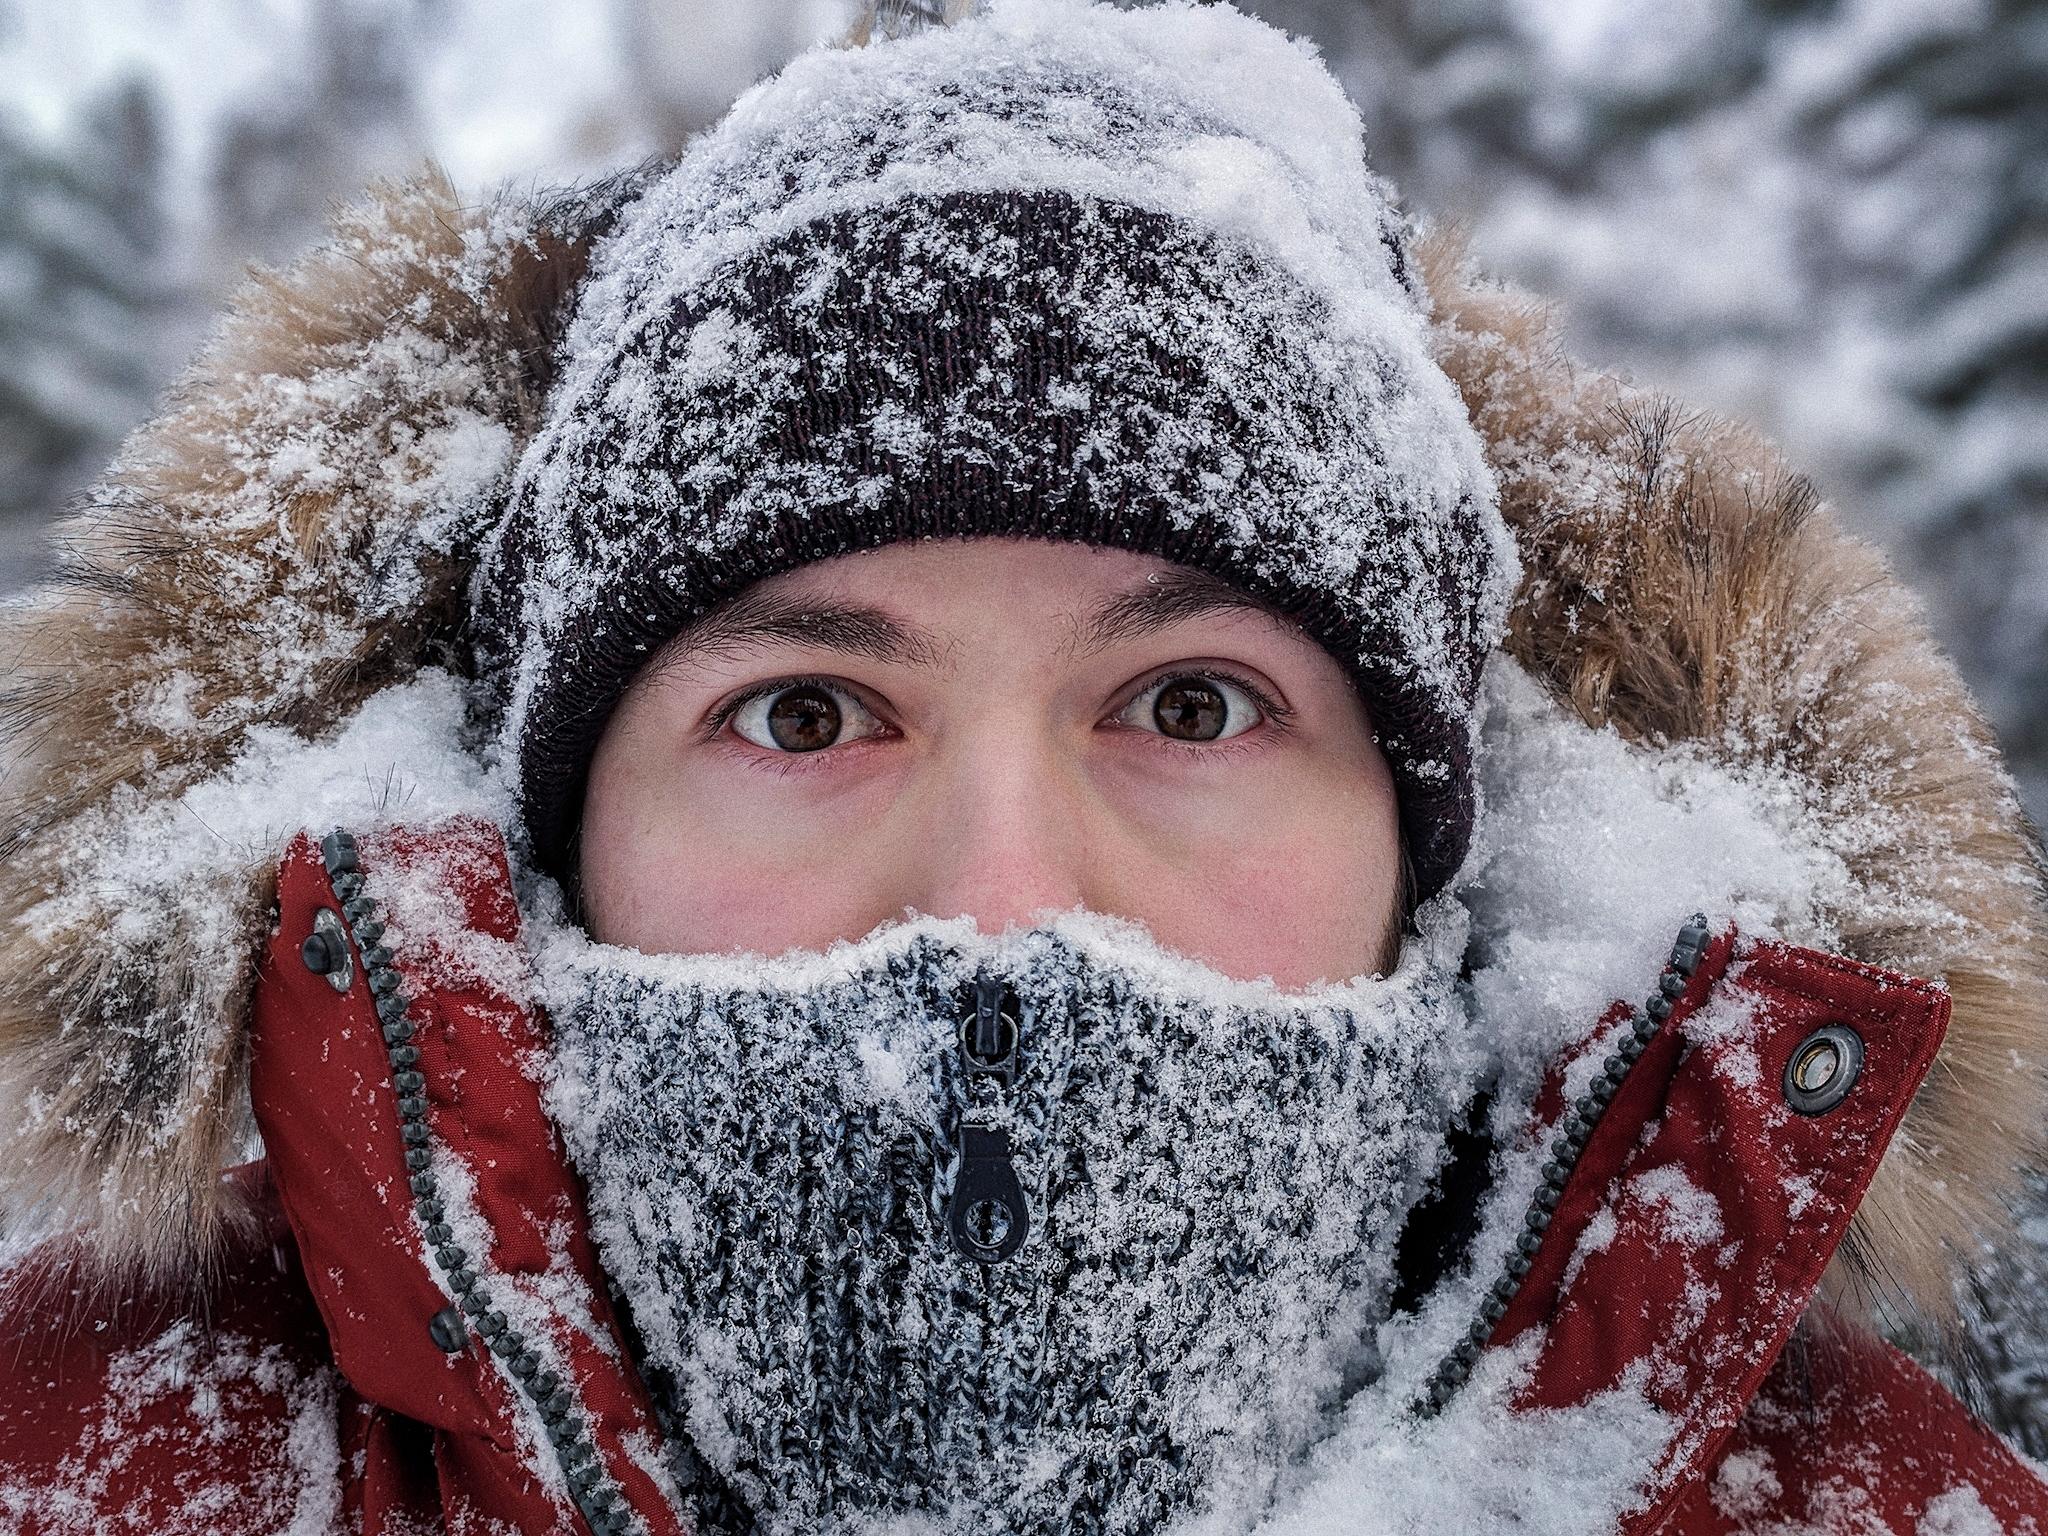 Вмёрзли в историю: 17 лучших фотографий очень холодного Новосибирска